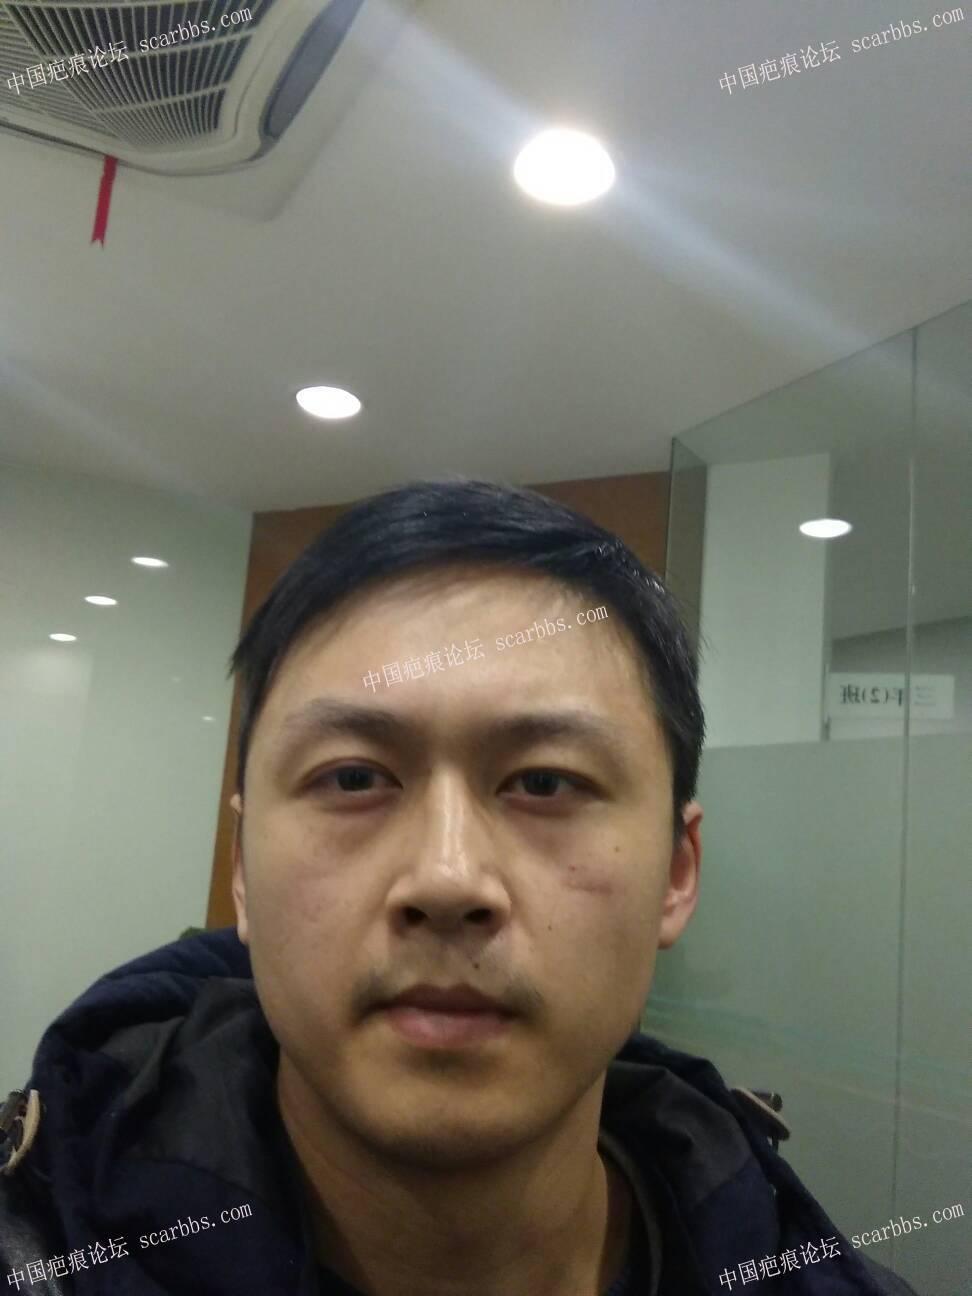 打篮球被肘子打破脸,颧部2cm伤口24-疤痕体质图片_疤痕疙瘩图片-中国疤痕论坛